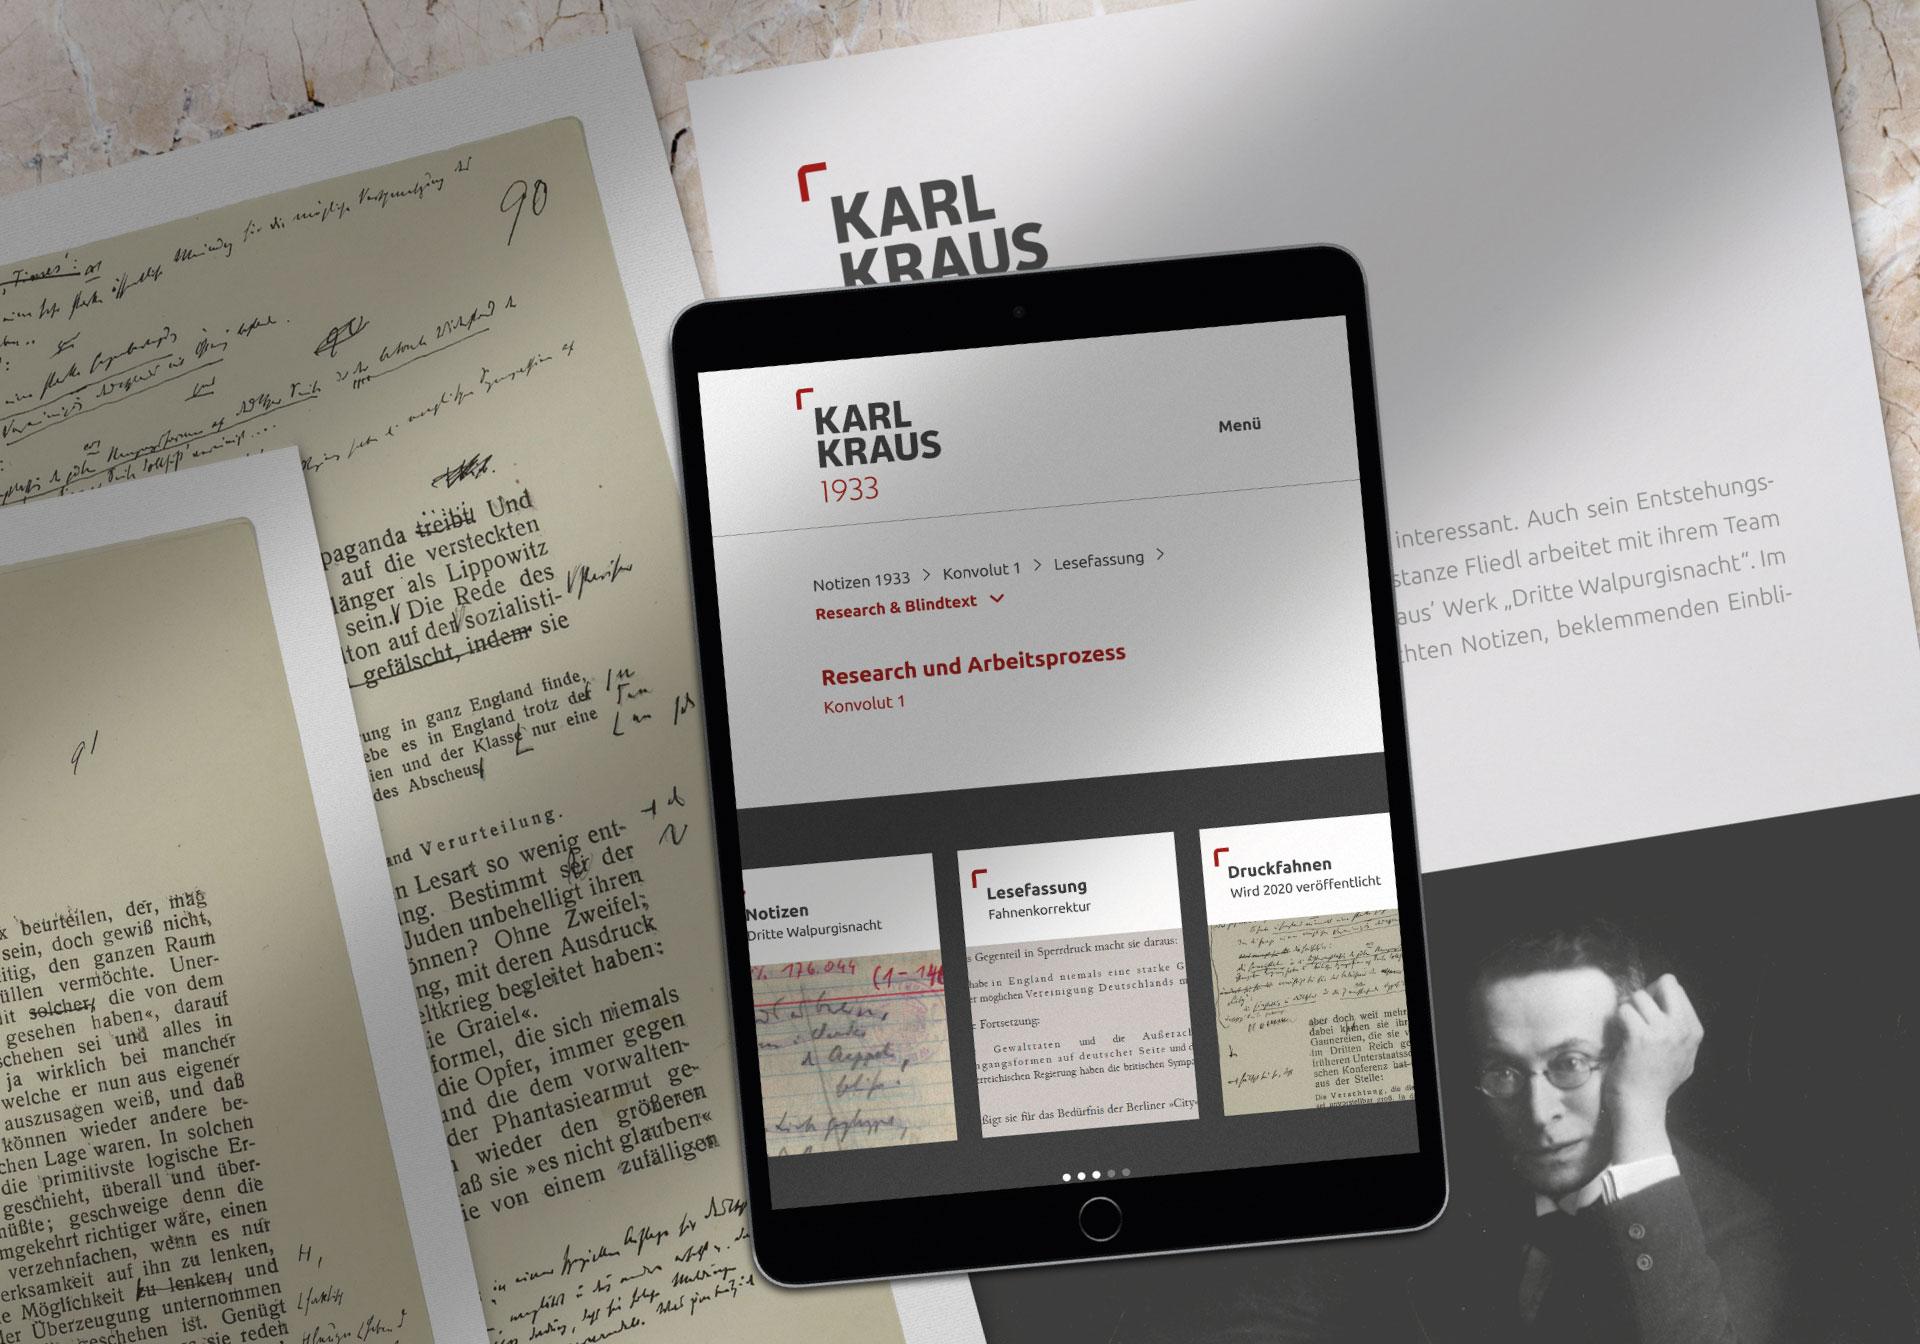 soha_OEAW-ACE_KarlKraus1933-Website4